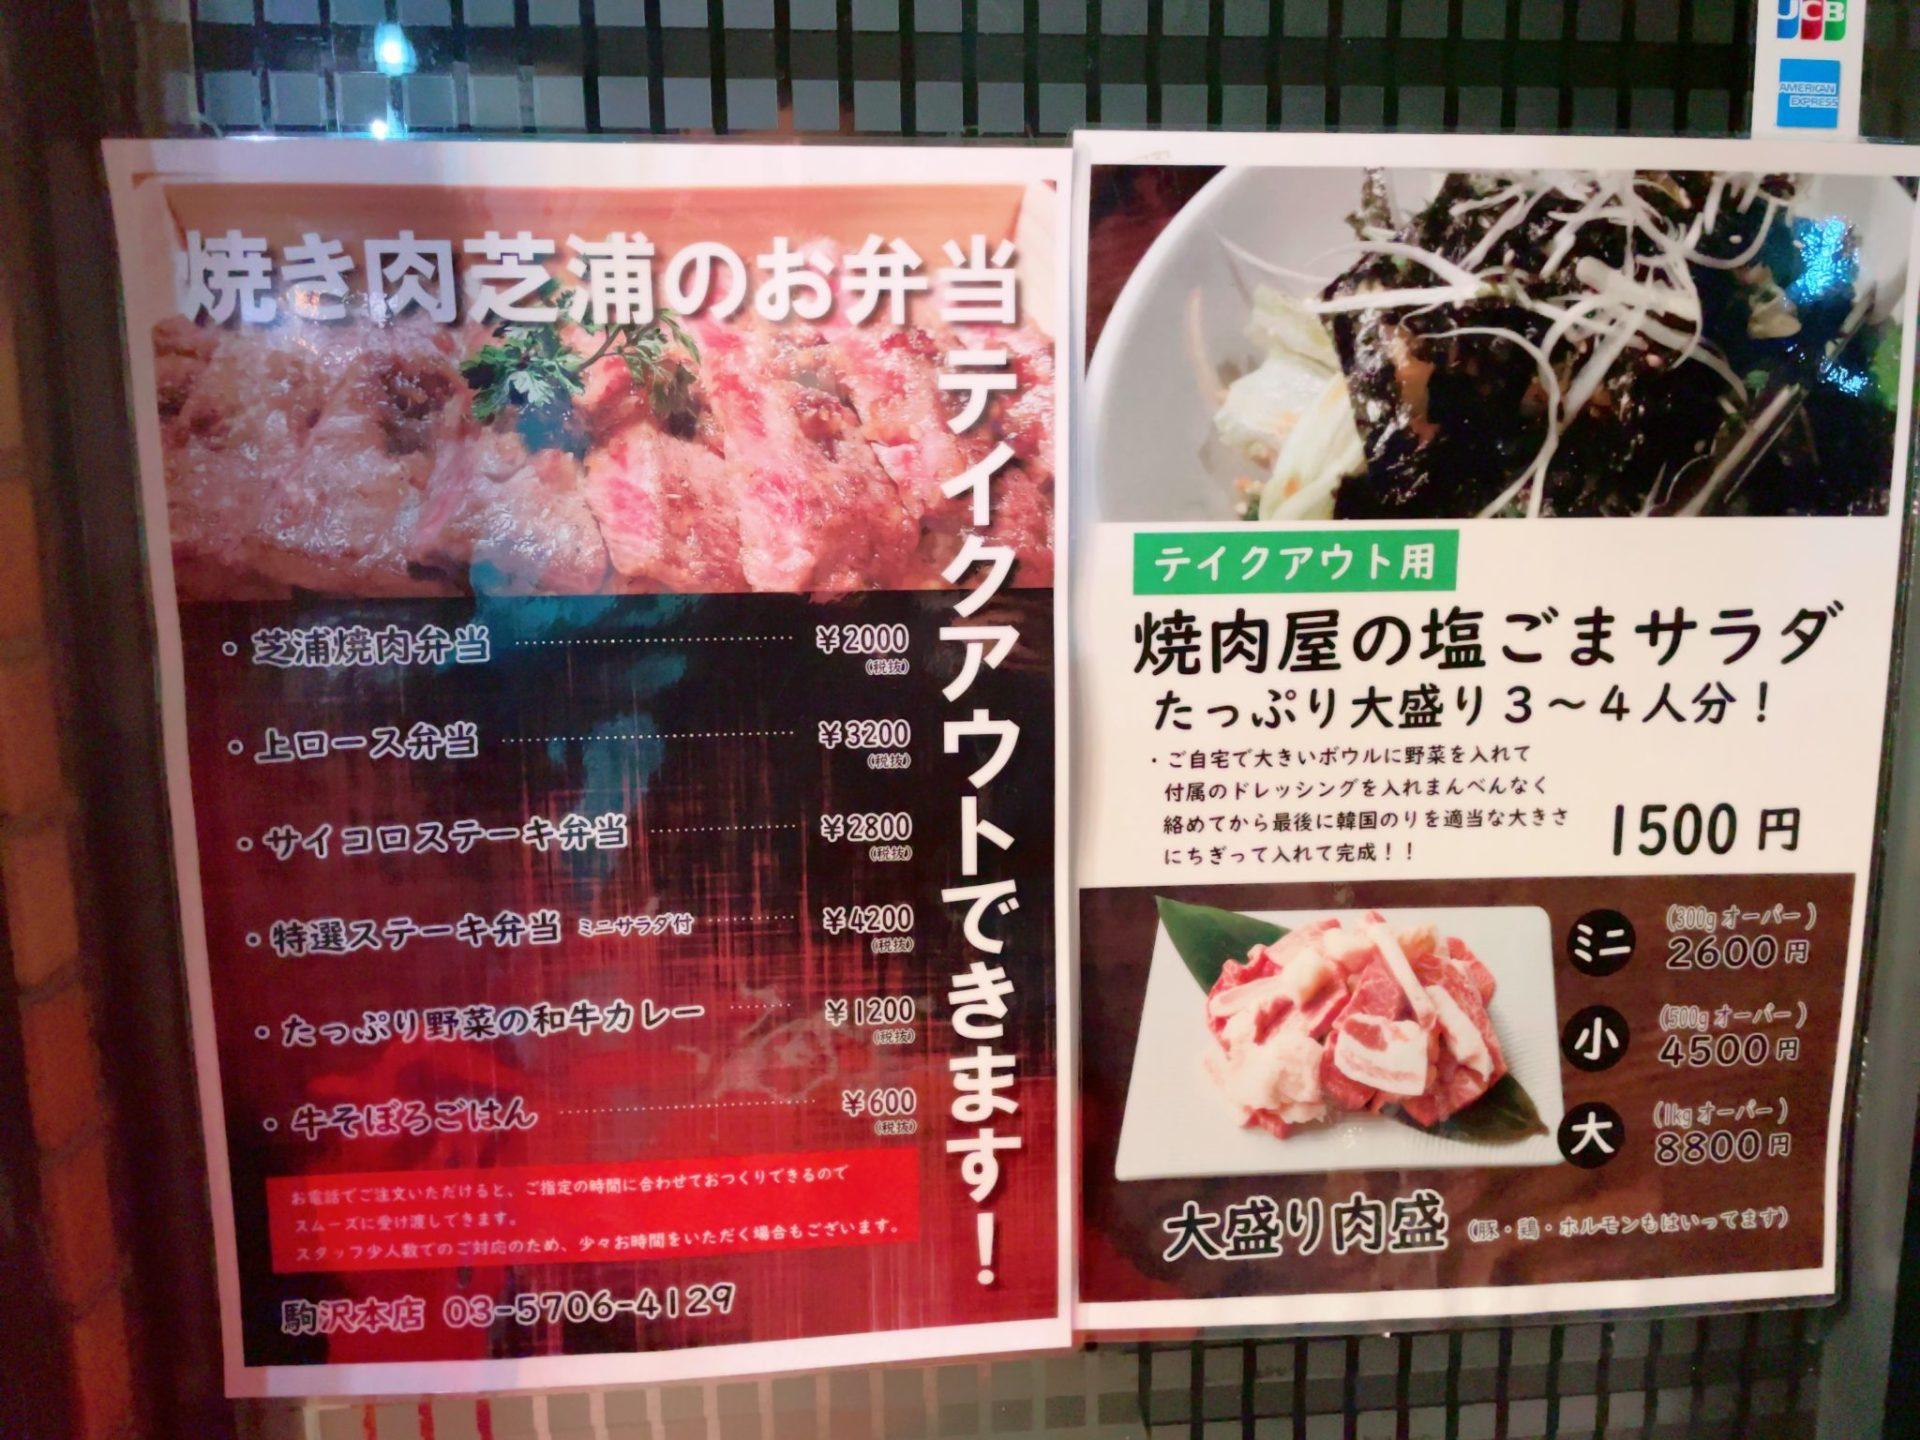 芝浦駒沢本店のテイクアウト